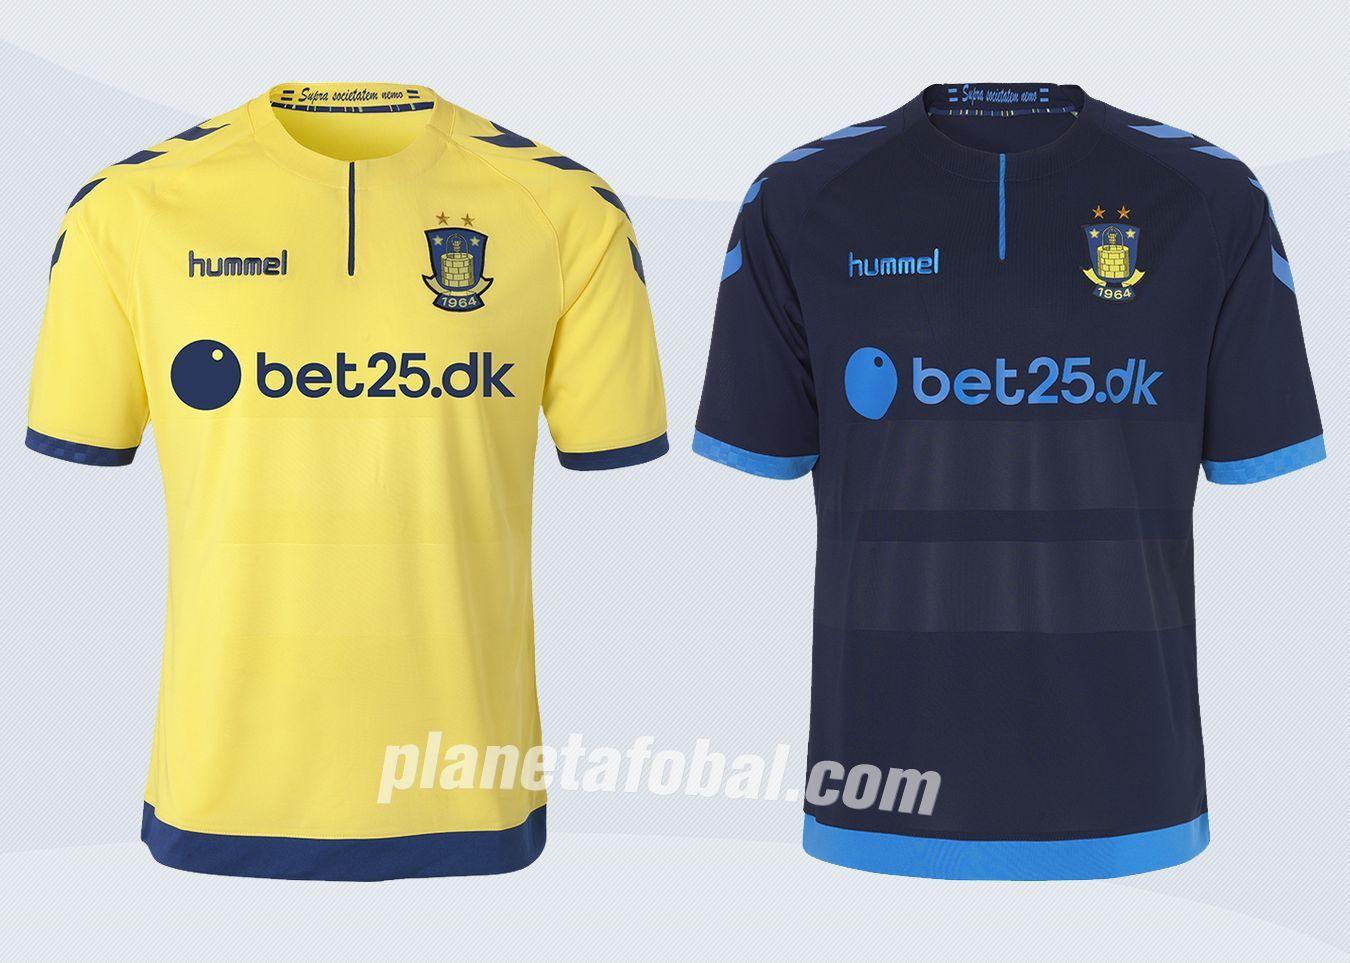 Camisetas Hummel del Brøndby IF de Dinamarca para 2016/2017 | Imágenes Tienda Oficial